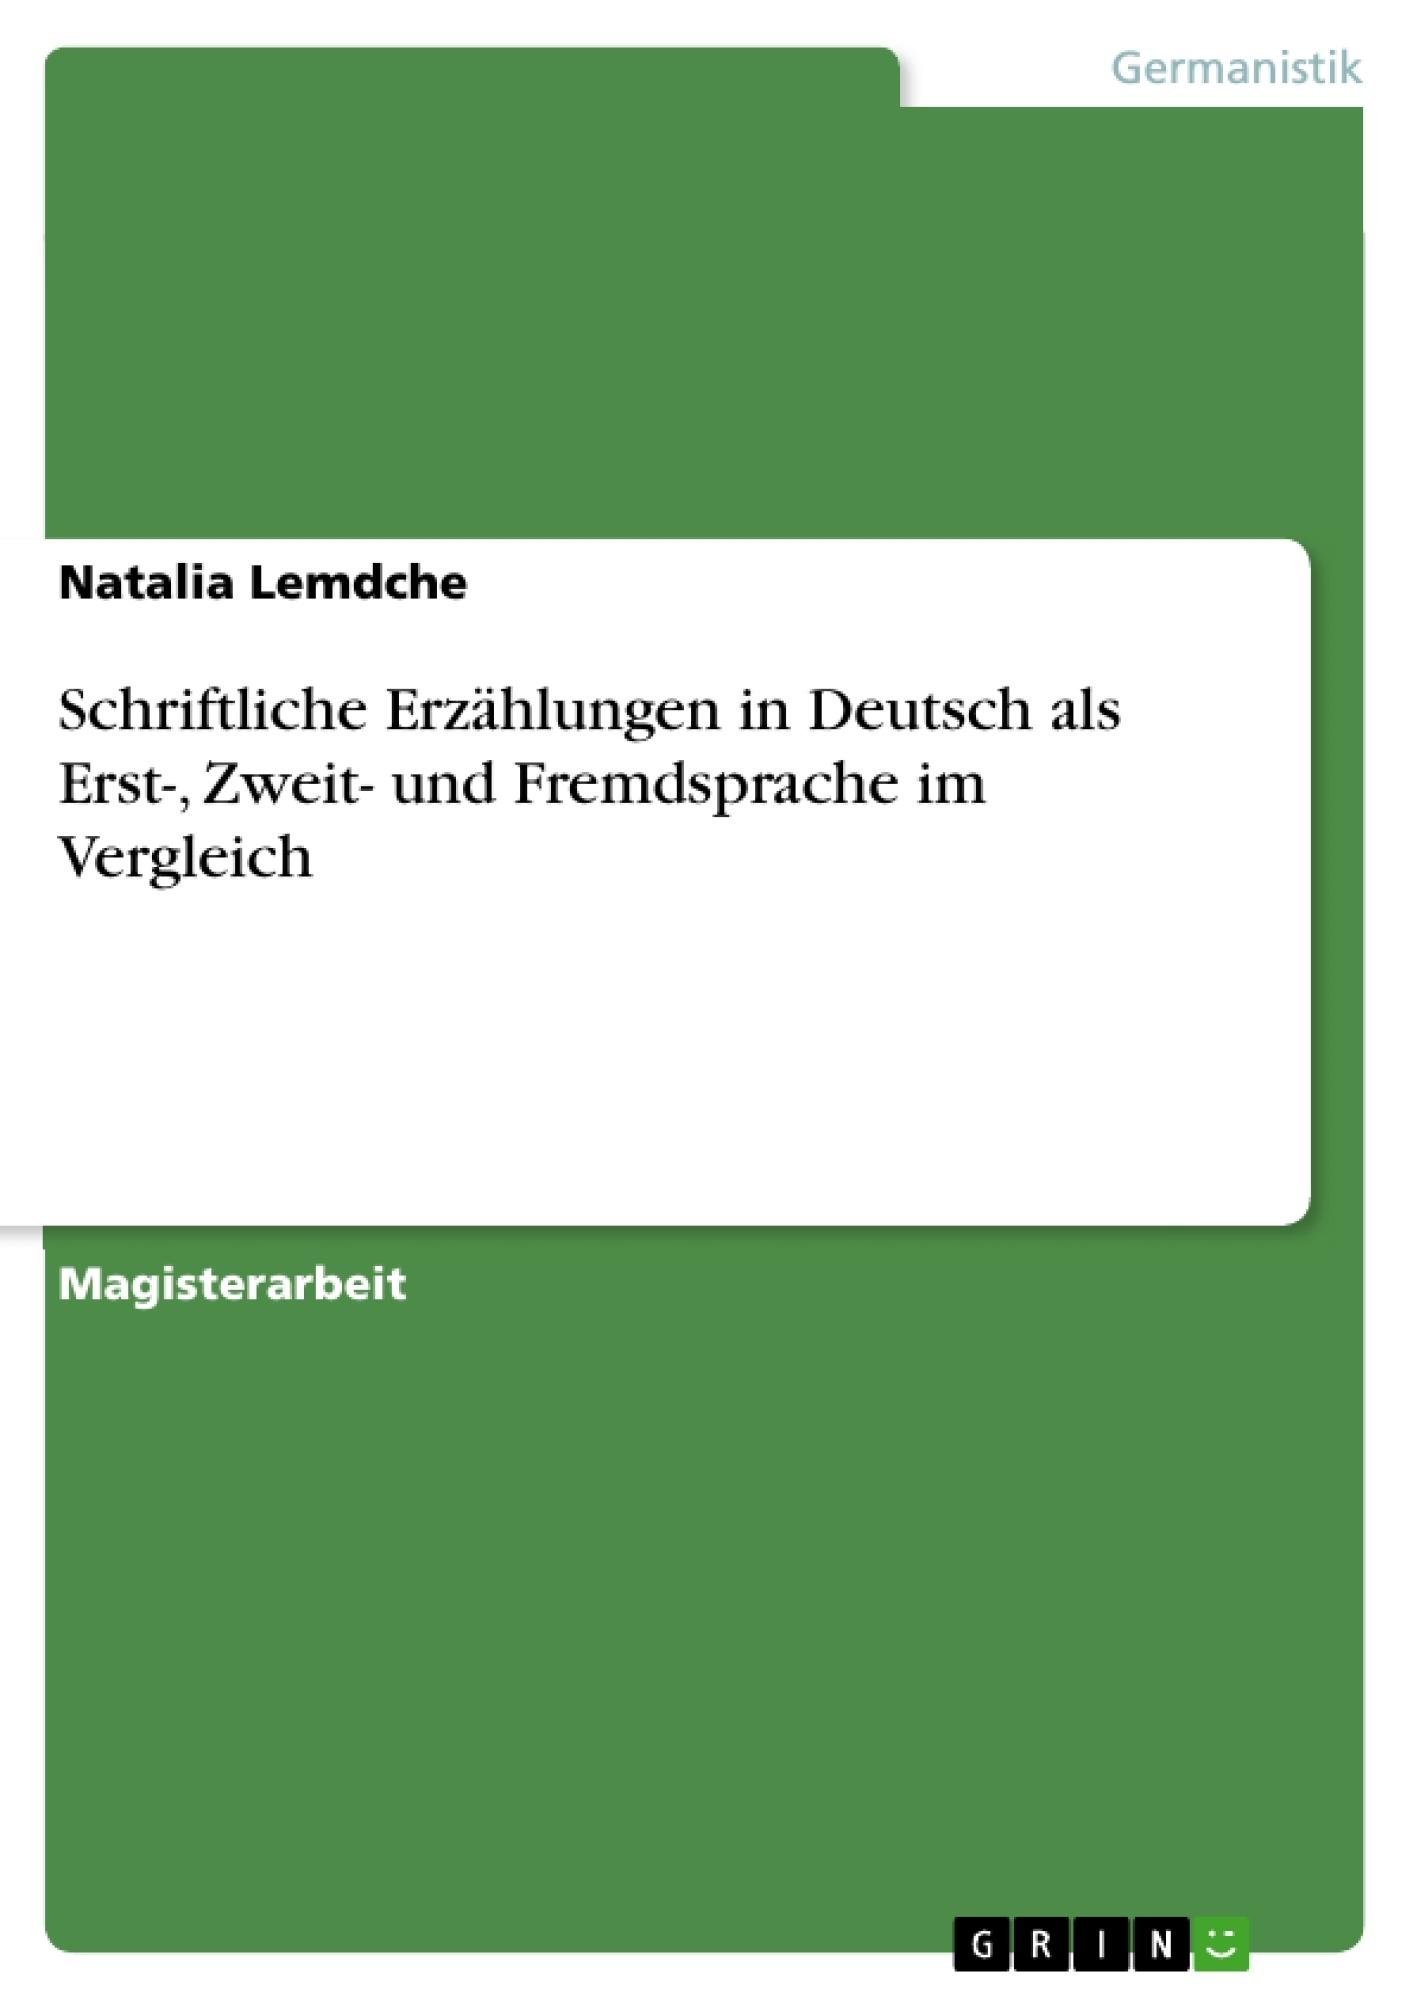 Titel: Schriftliche Erzählungen in Deutsch als Erst-, Zweit- und Fremdsprache im Vergleich